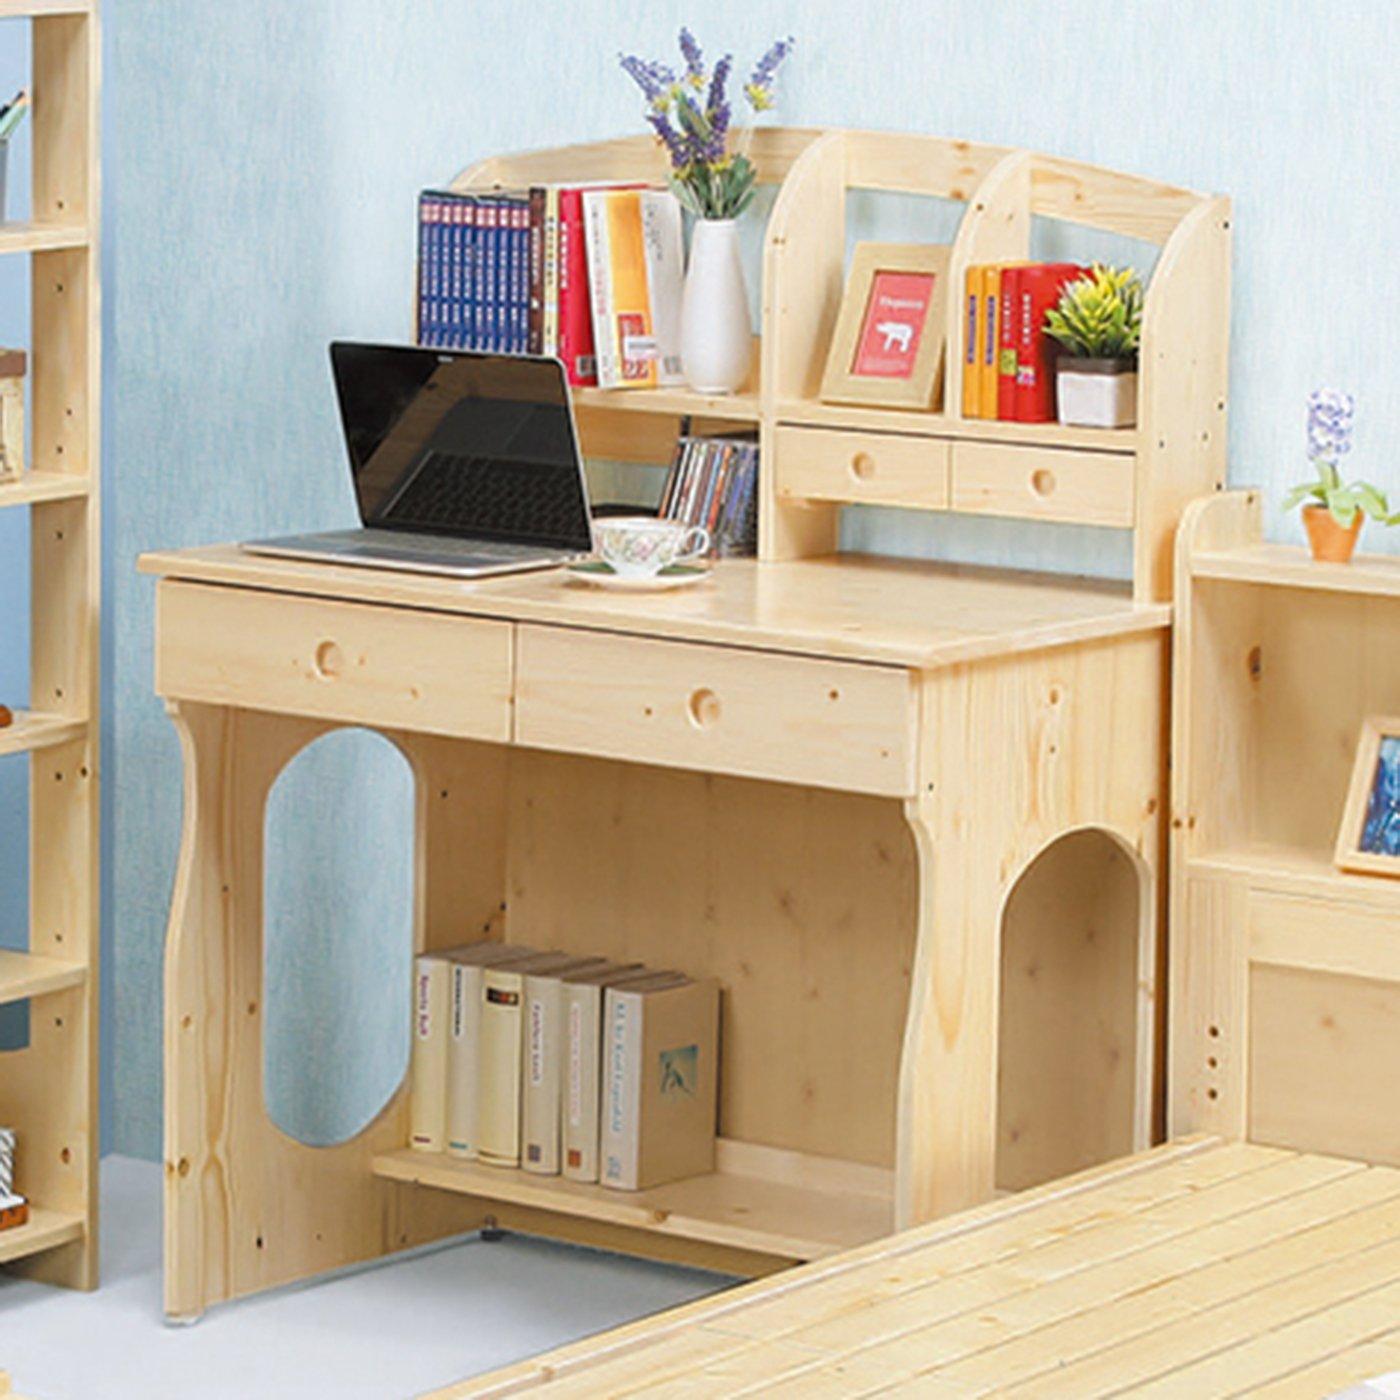 【在地人傢俱】21 樂樂購-松木實木3.1尺二抽書桌/電腦桌-全組 JL70-6